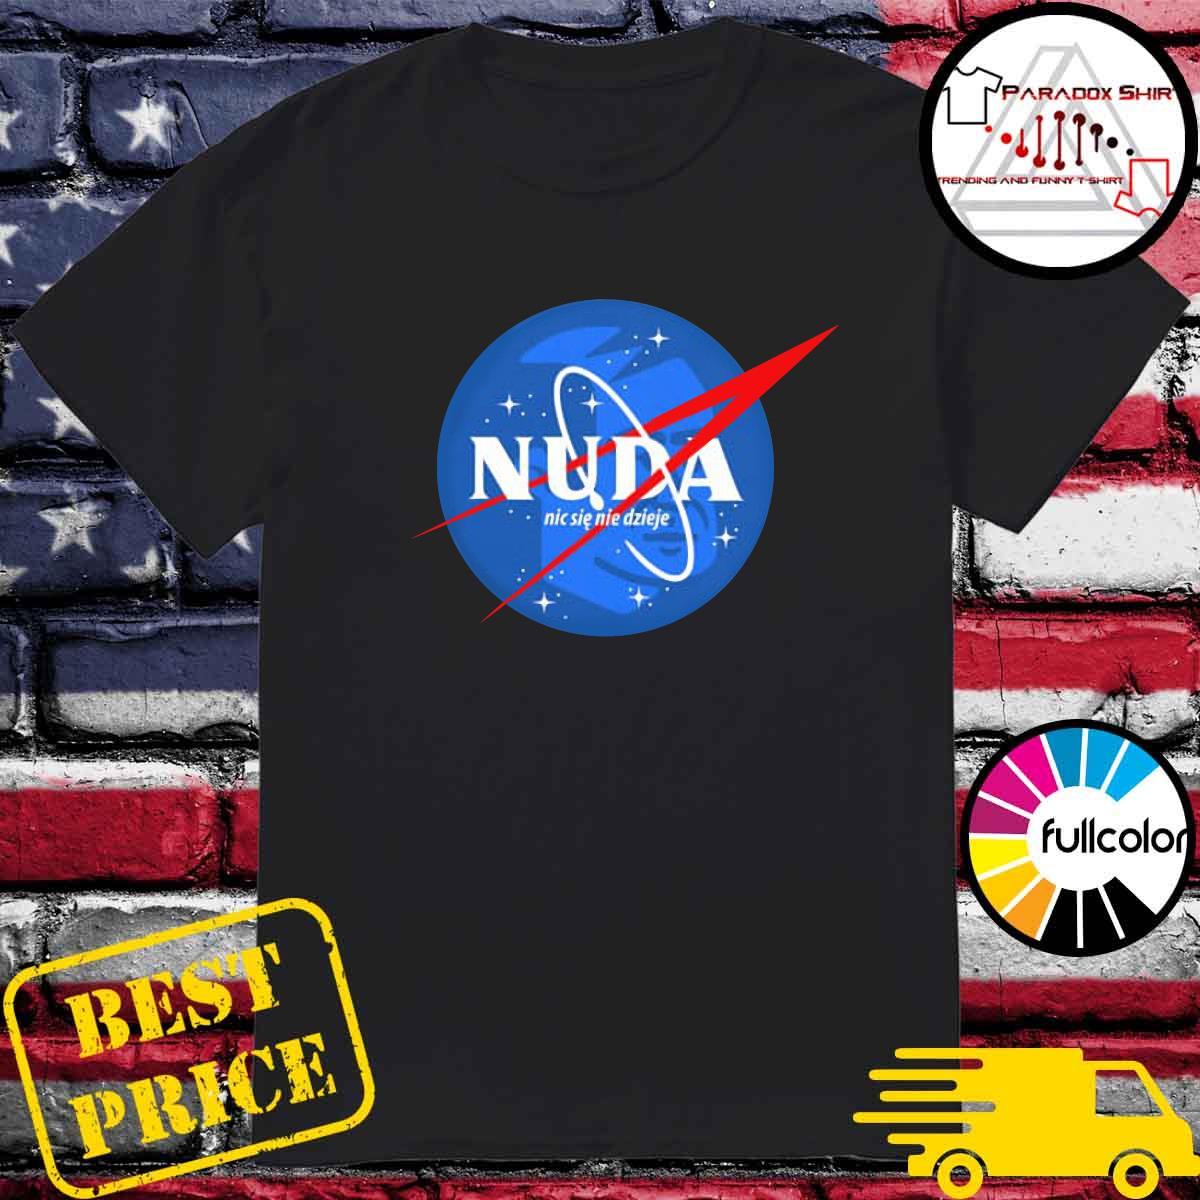 Official NASA Nuda Nic Sie Nie Dzieje Shirt